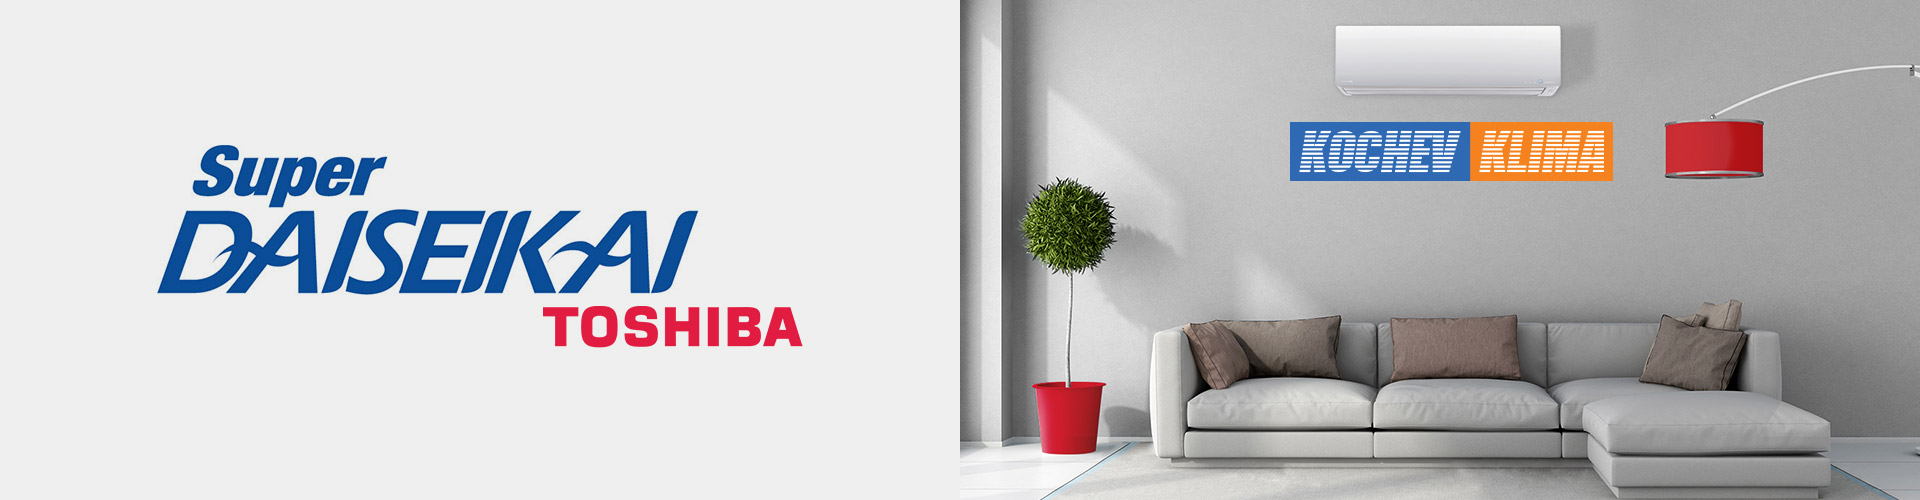 Kochev-Klima-Toshiba-Slider-1920x500px-1.jpg